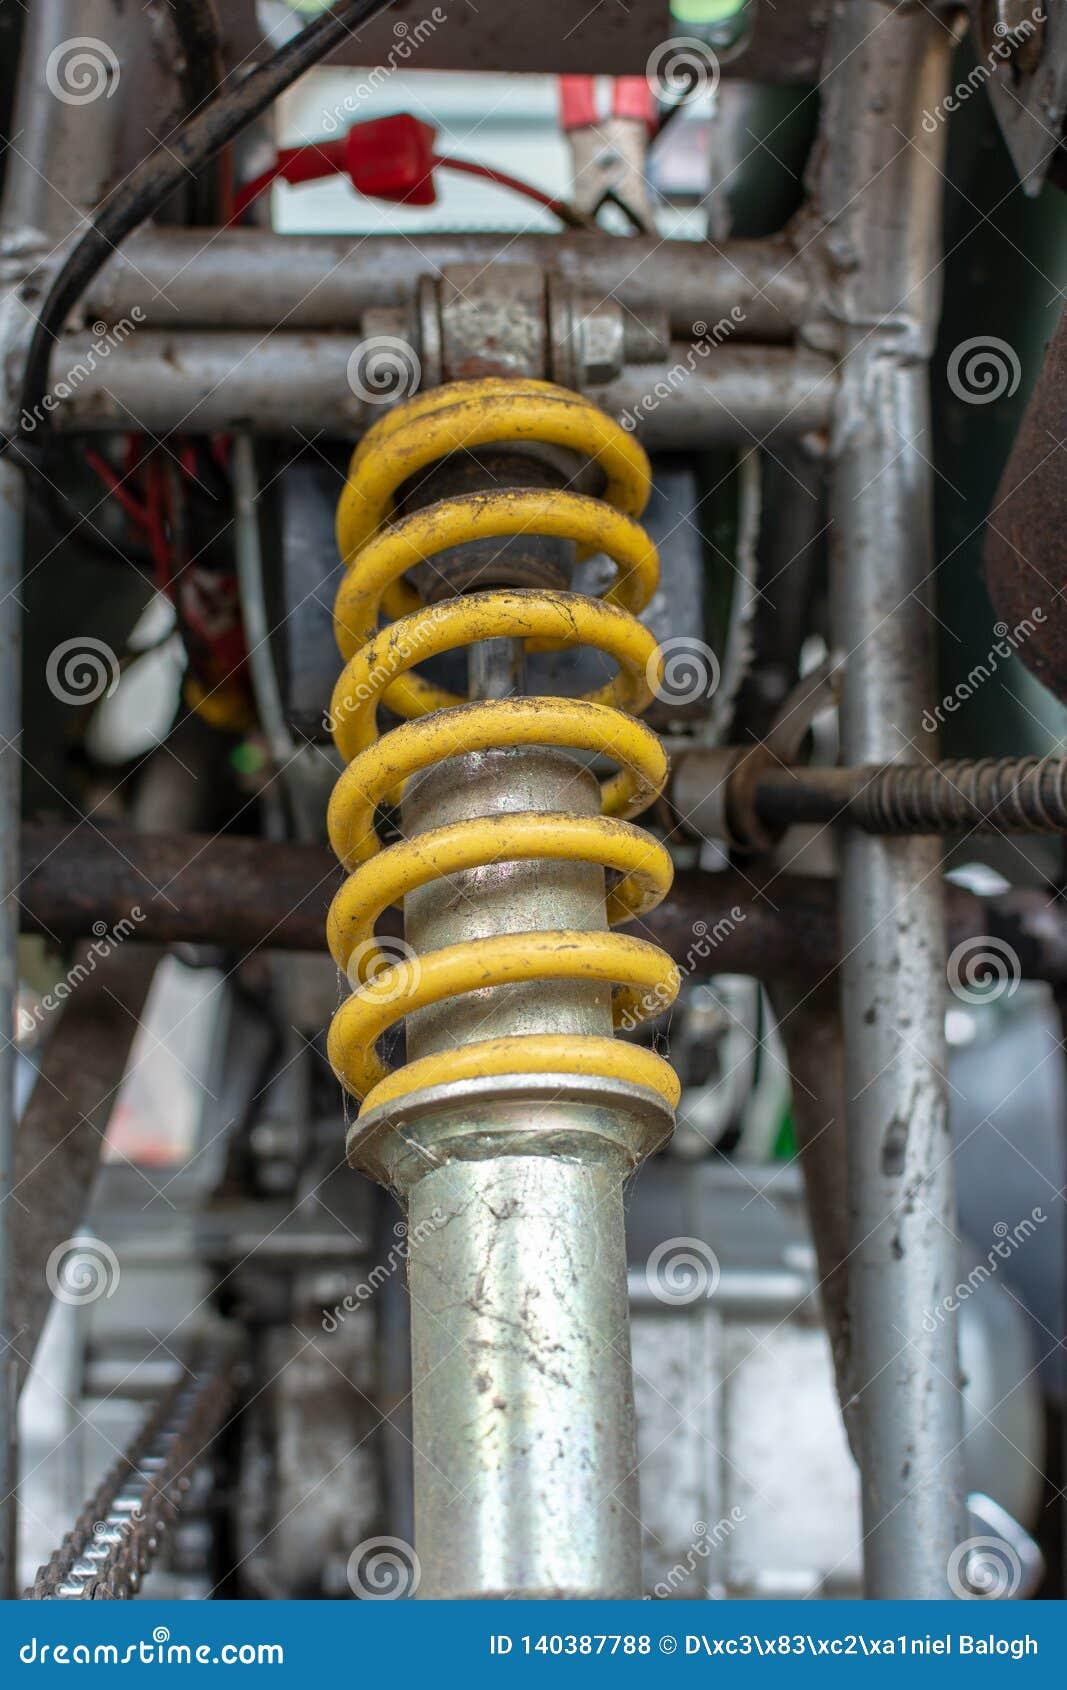 espirales usados